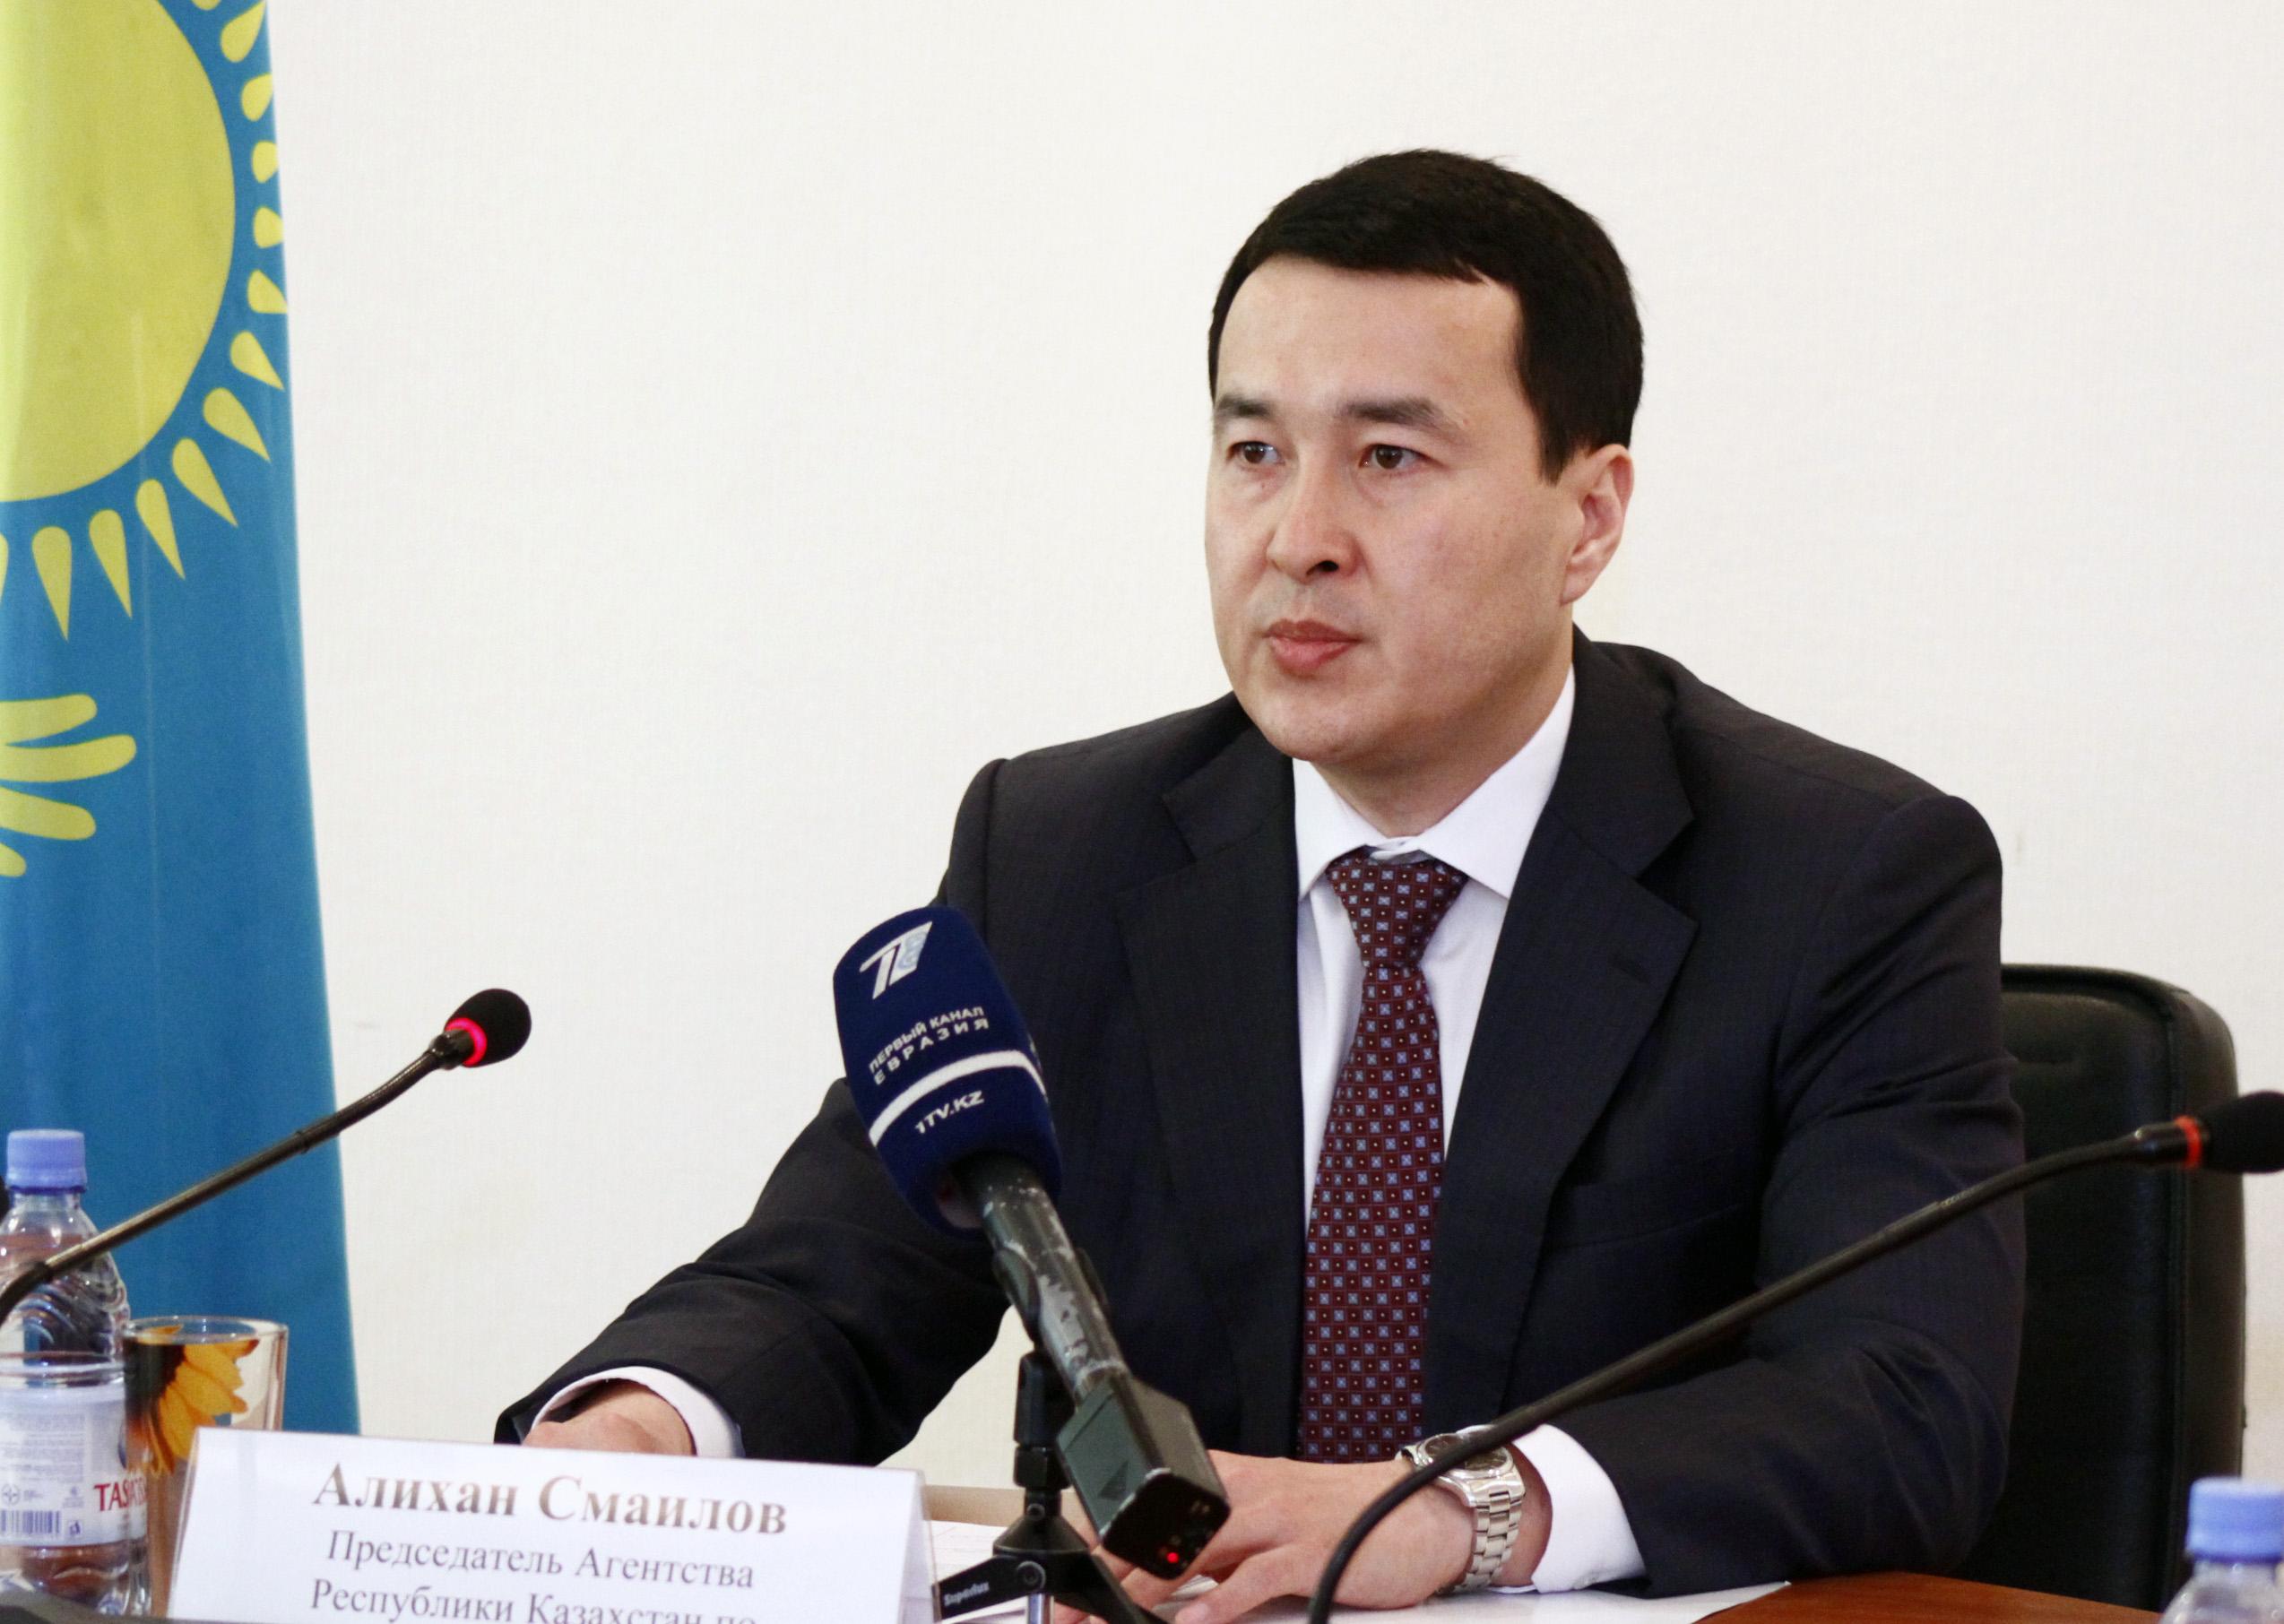 Жаңа қаржы министрі белгілі болды, Қаржы министрі, Үкімет , парламент,Әлихан Смайылов